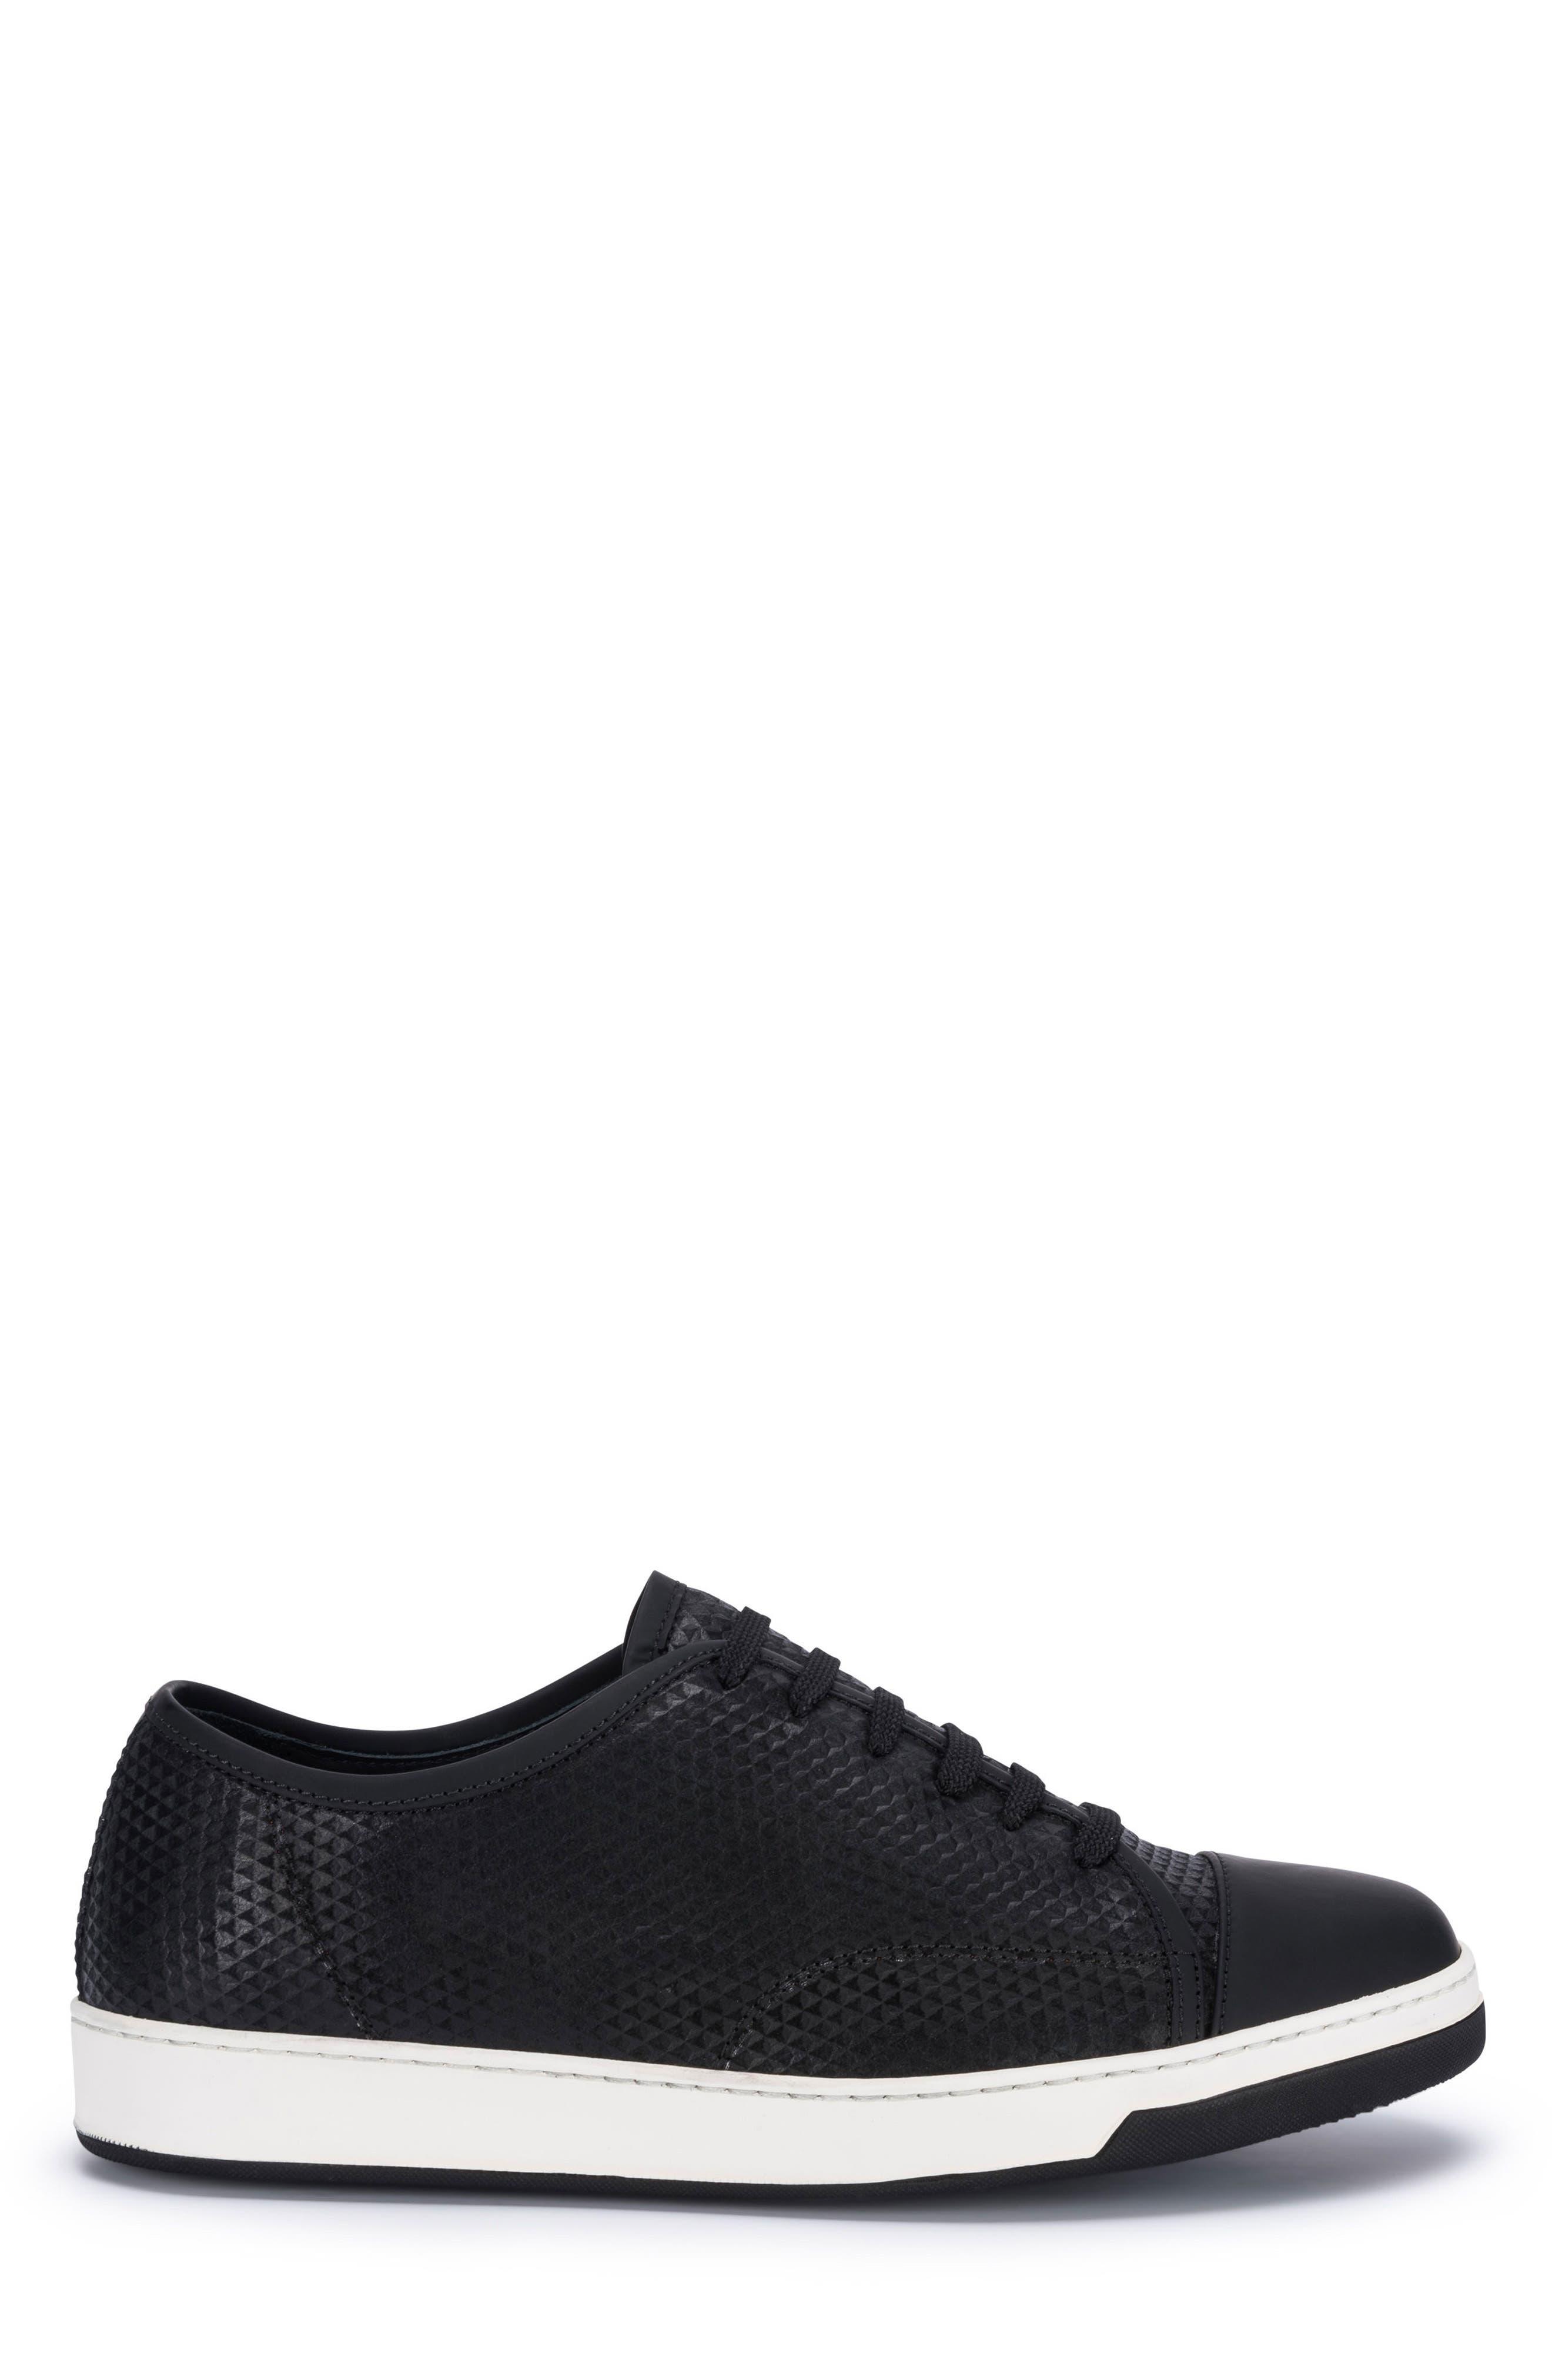 Ischia Sneaker,                             Alternate thumbnail 3, color,                             Black